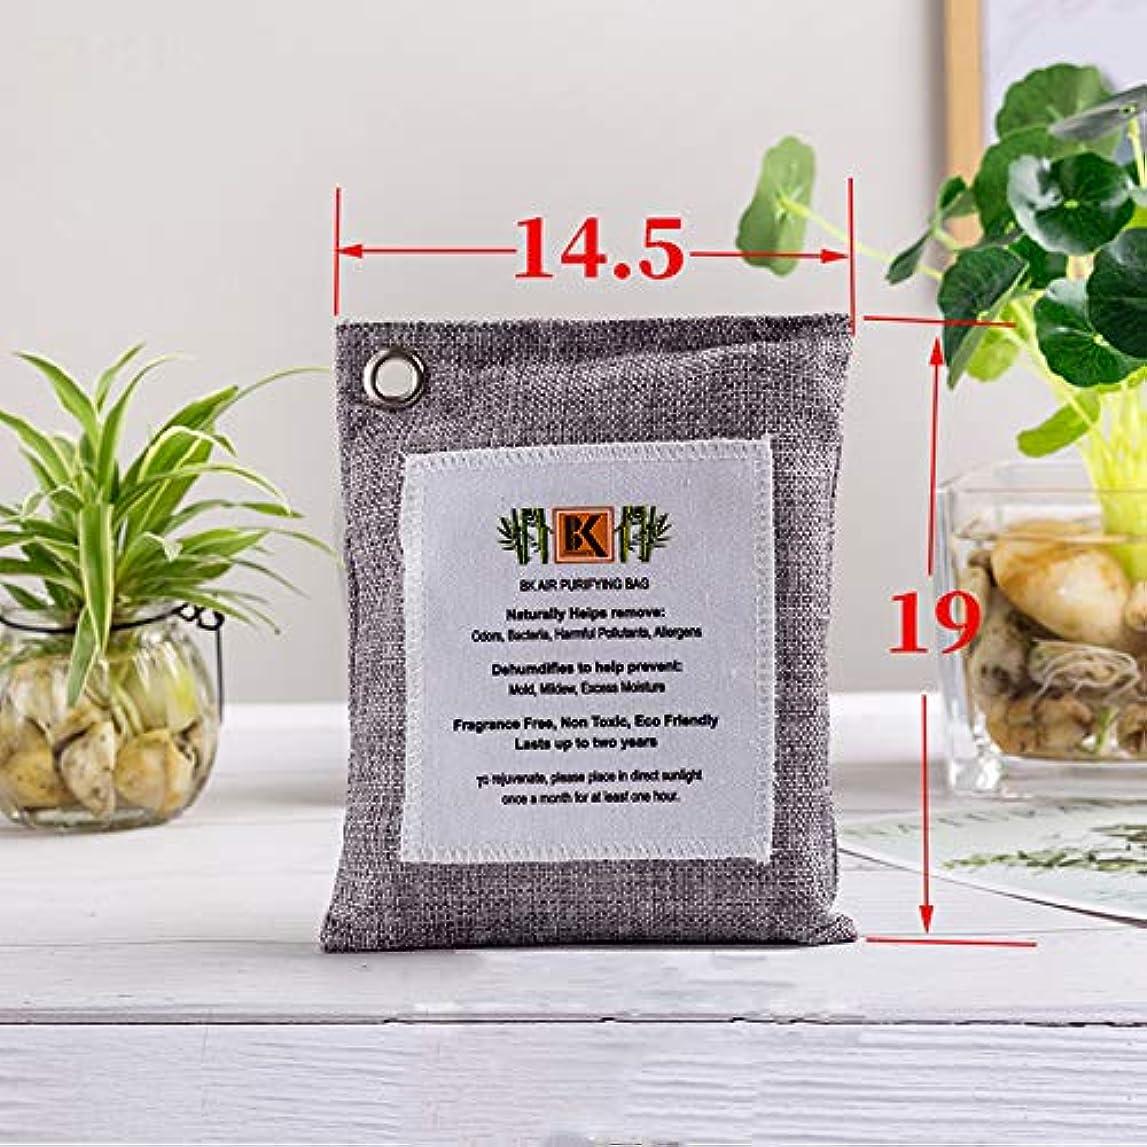 食い違い暫定安心Dkhsy活性炭バッグ空気浄化バッグ家庭用耐久性無香料無化学薬品無毒消臭活性炭バッグ